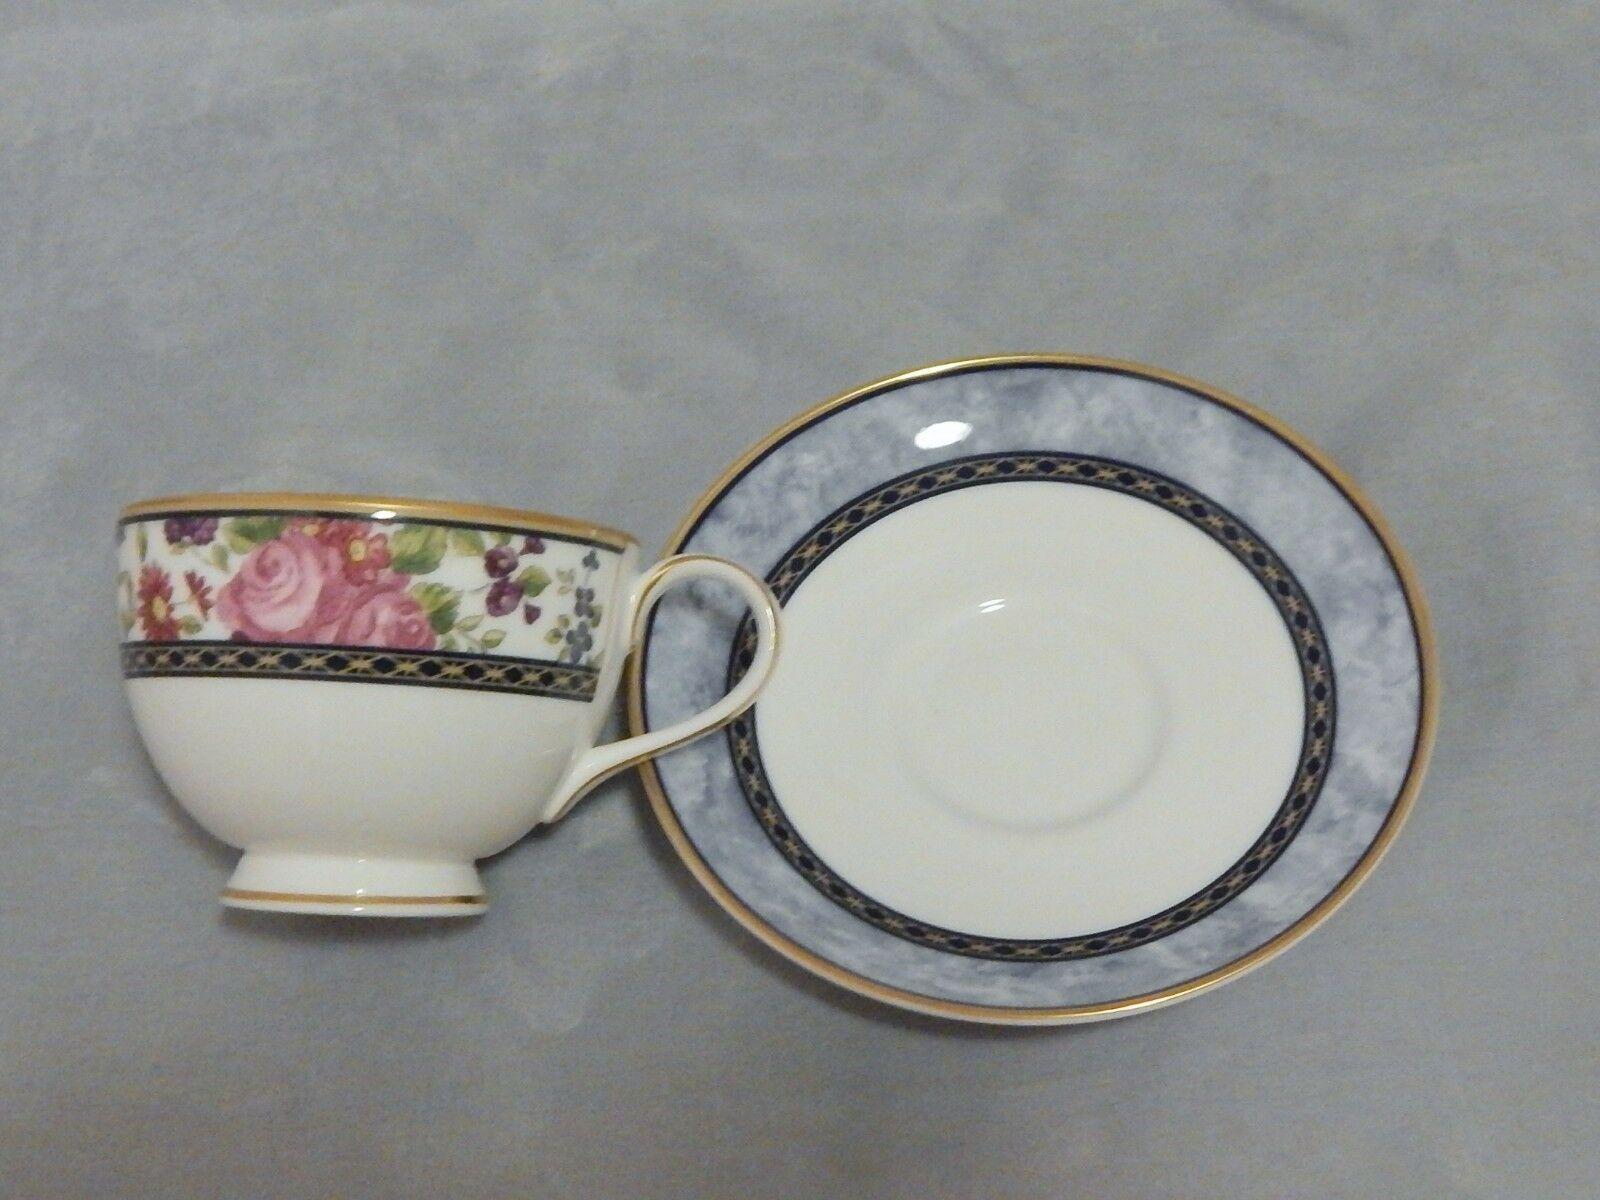 Royal Doulton Centennial Rose Cup and Saucer Set